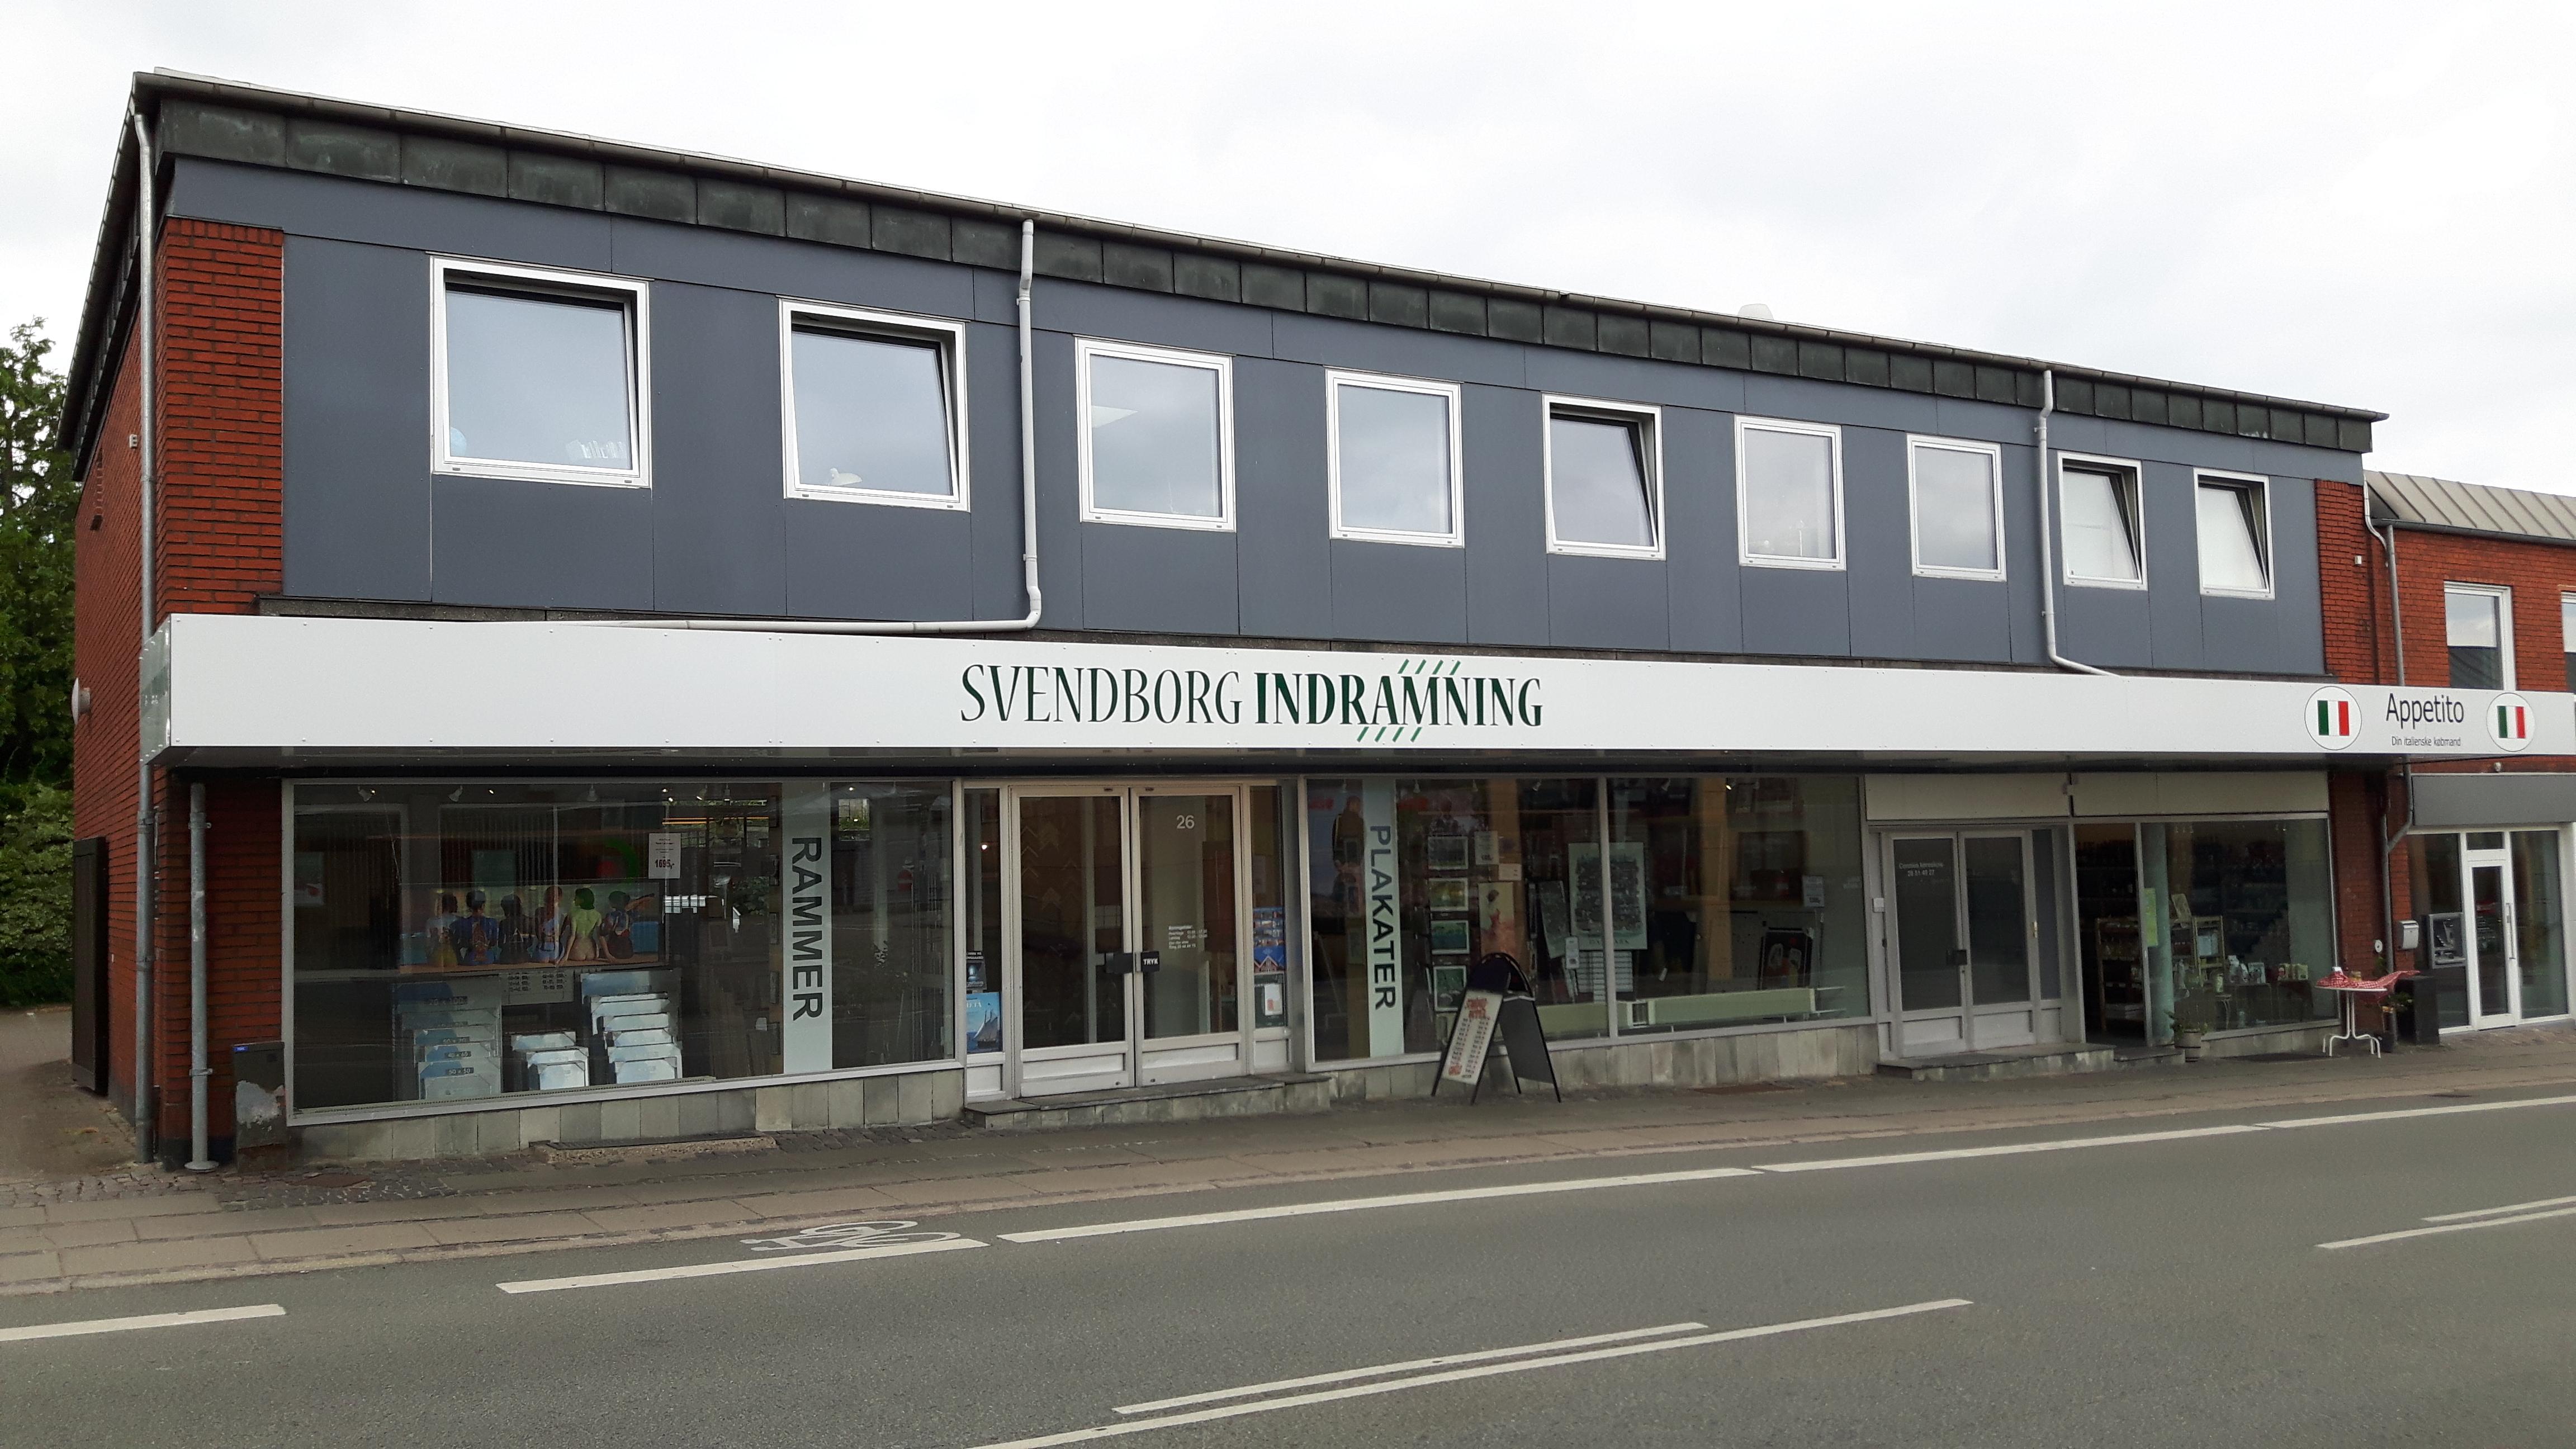 Svendborg Indramning